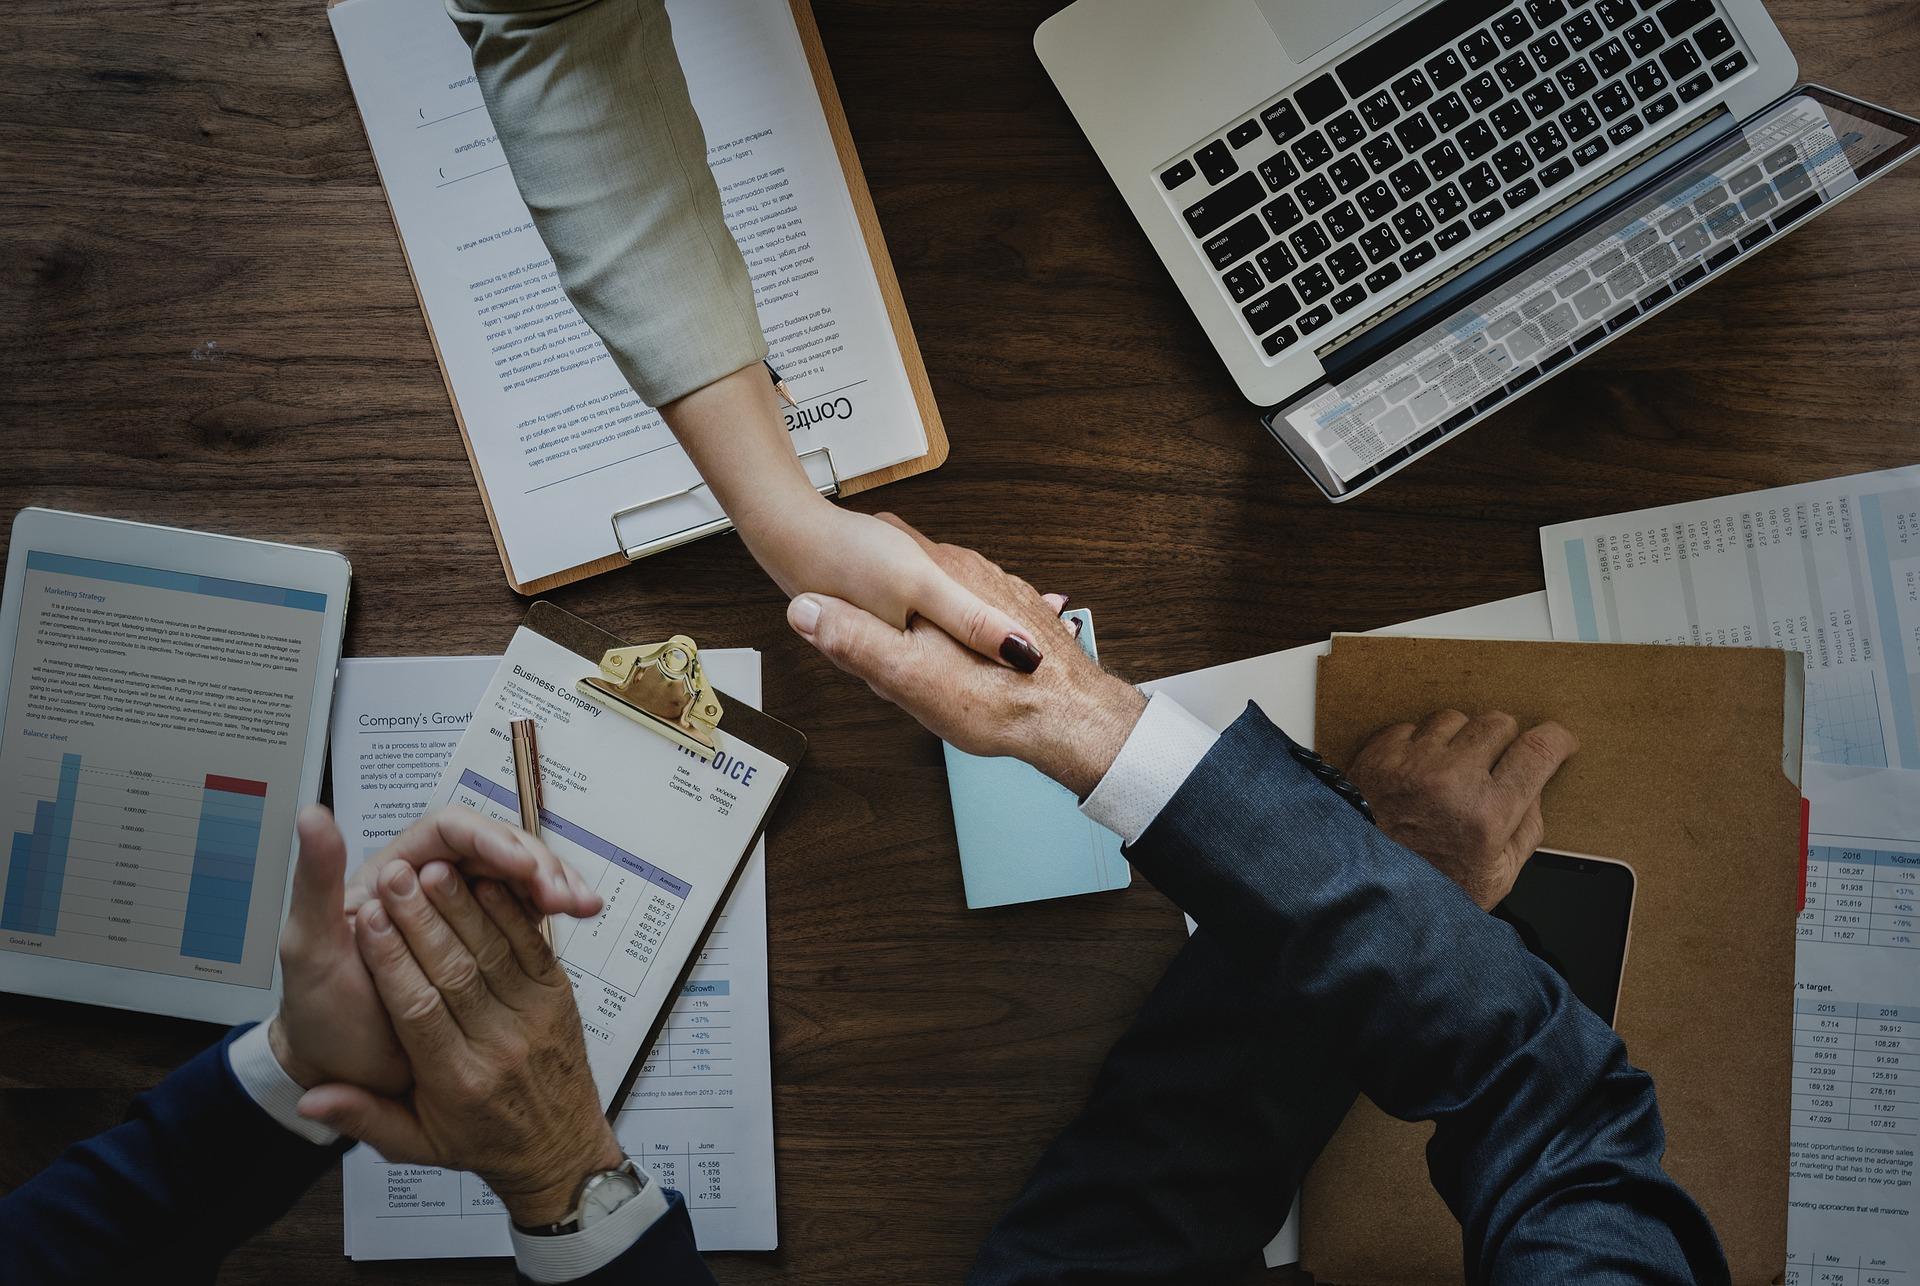 Novo-aplicativo-torna-mais-fácil-parceria-entre-empresas